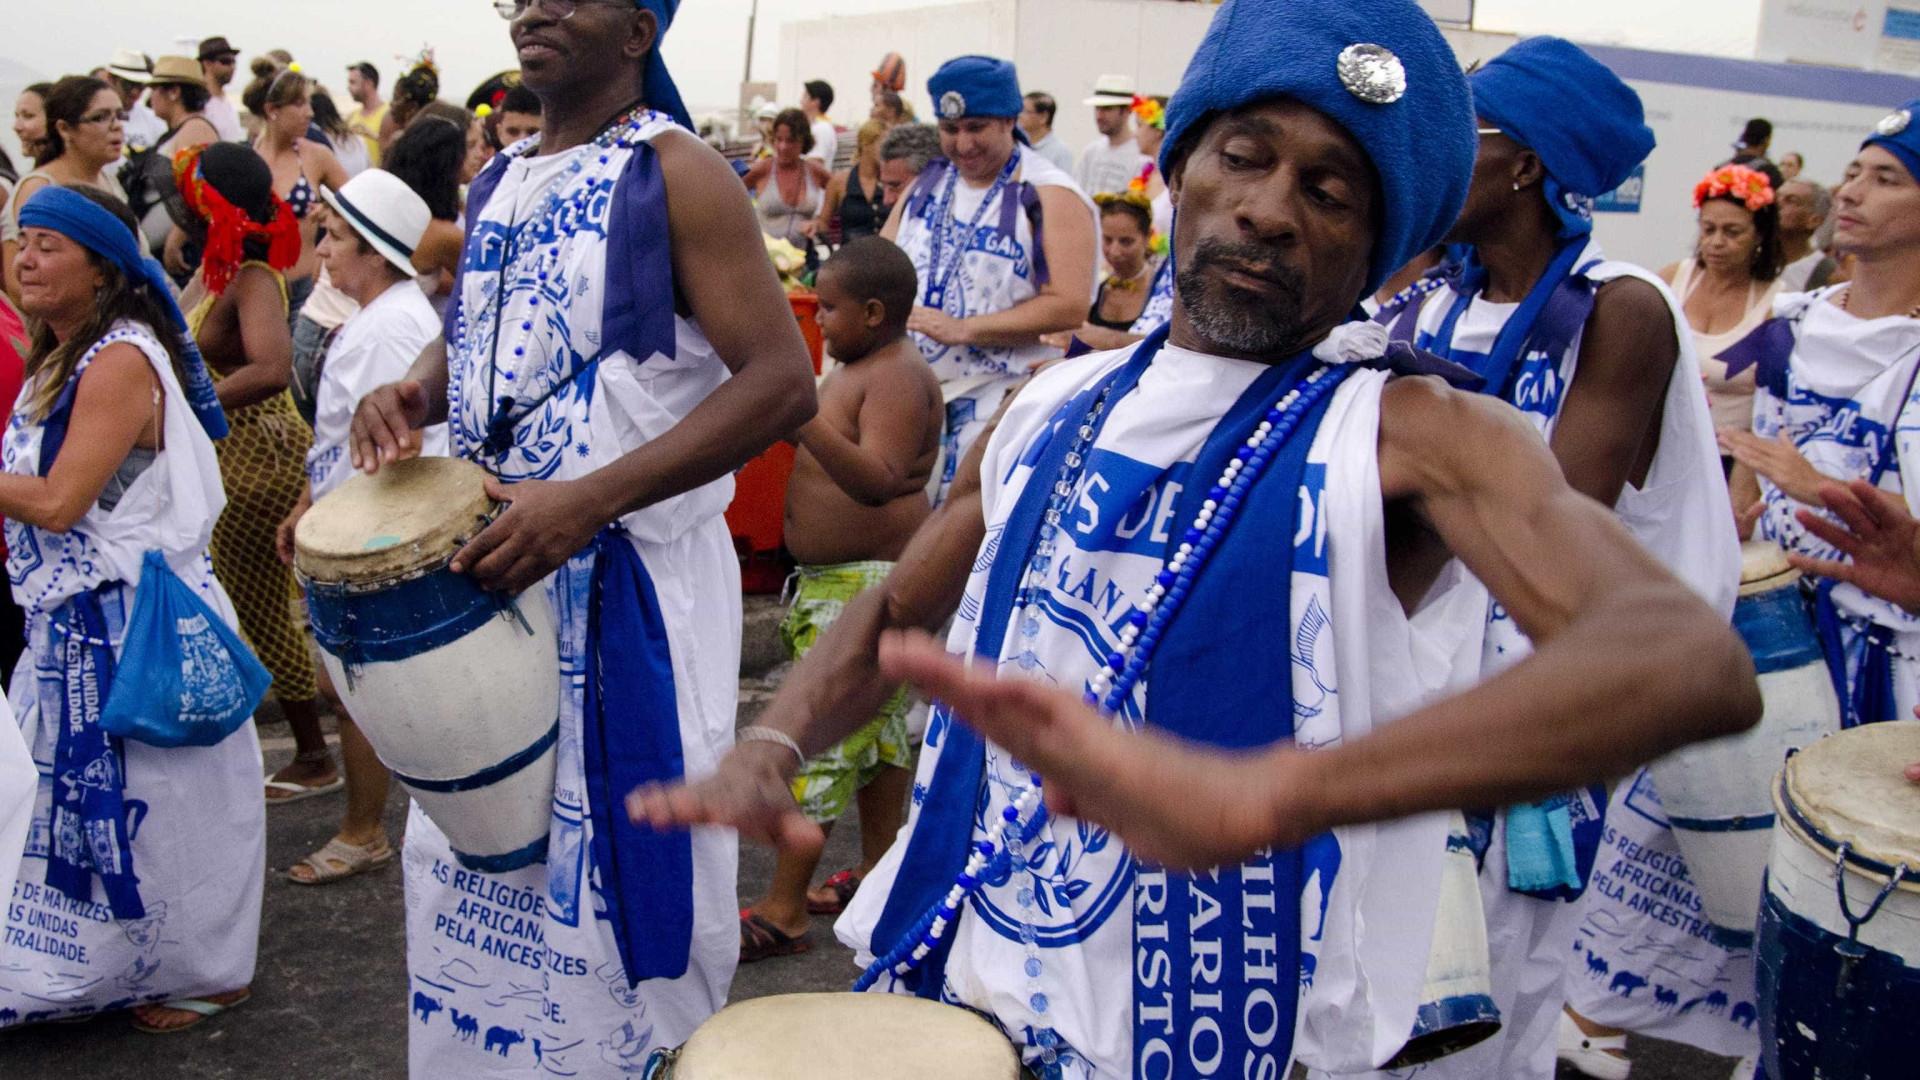 Evento celebra 130 anos da abolição com música e capoeira